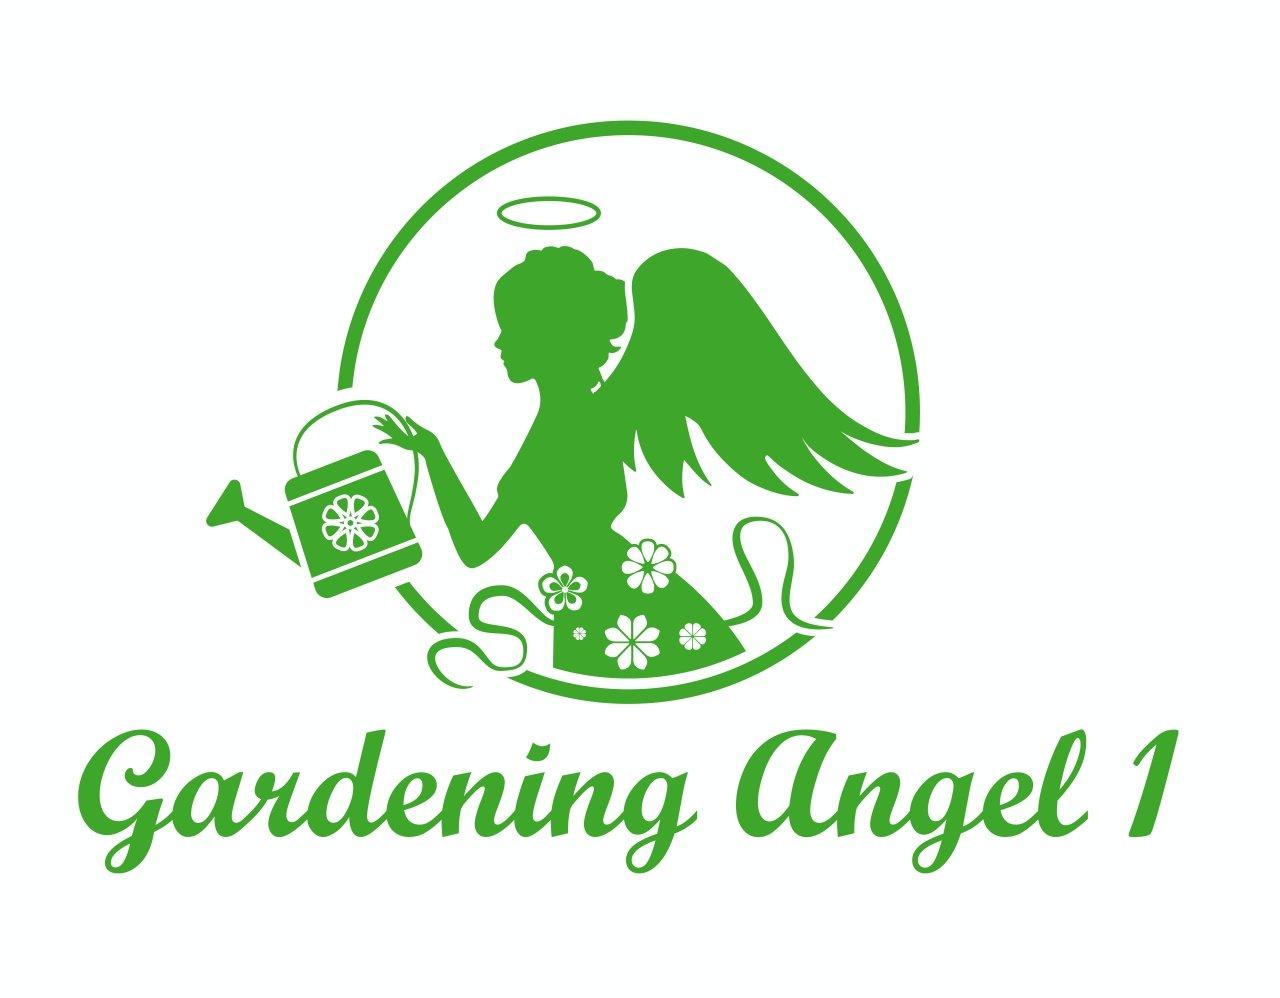 Gardening Angel 1 Logo-A6